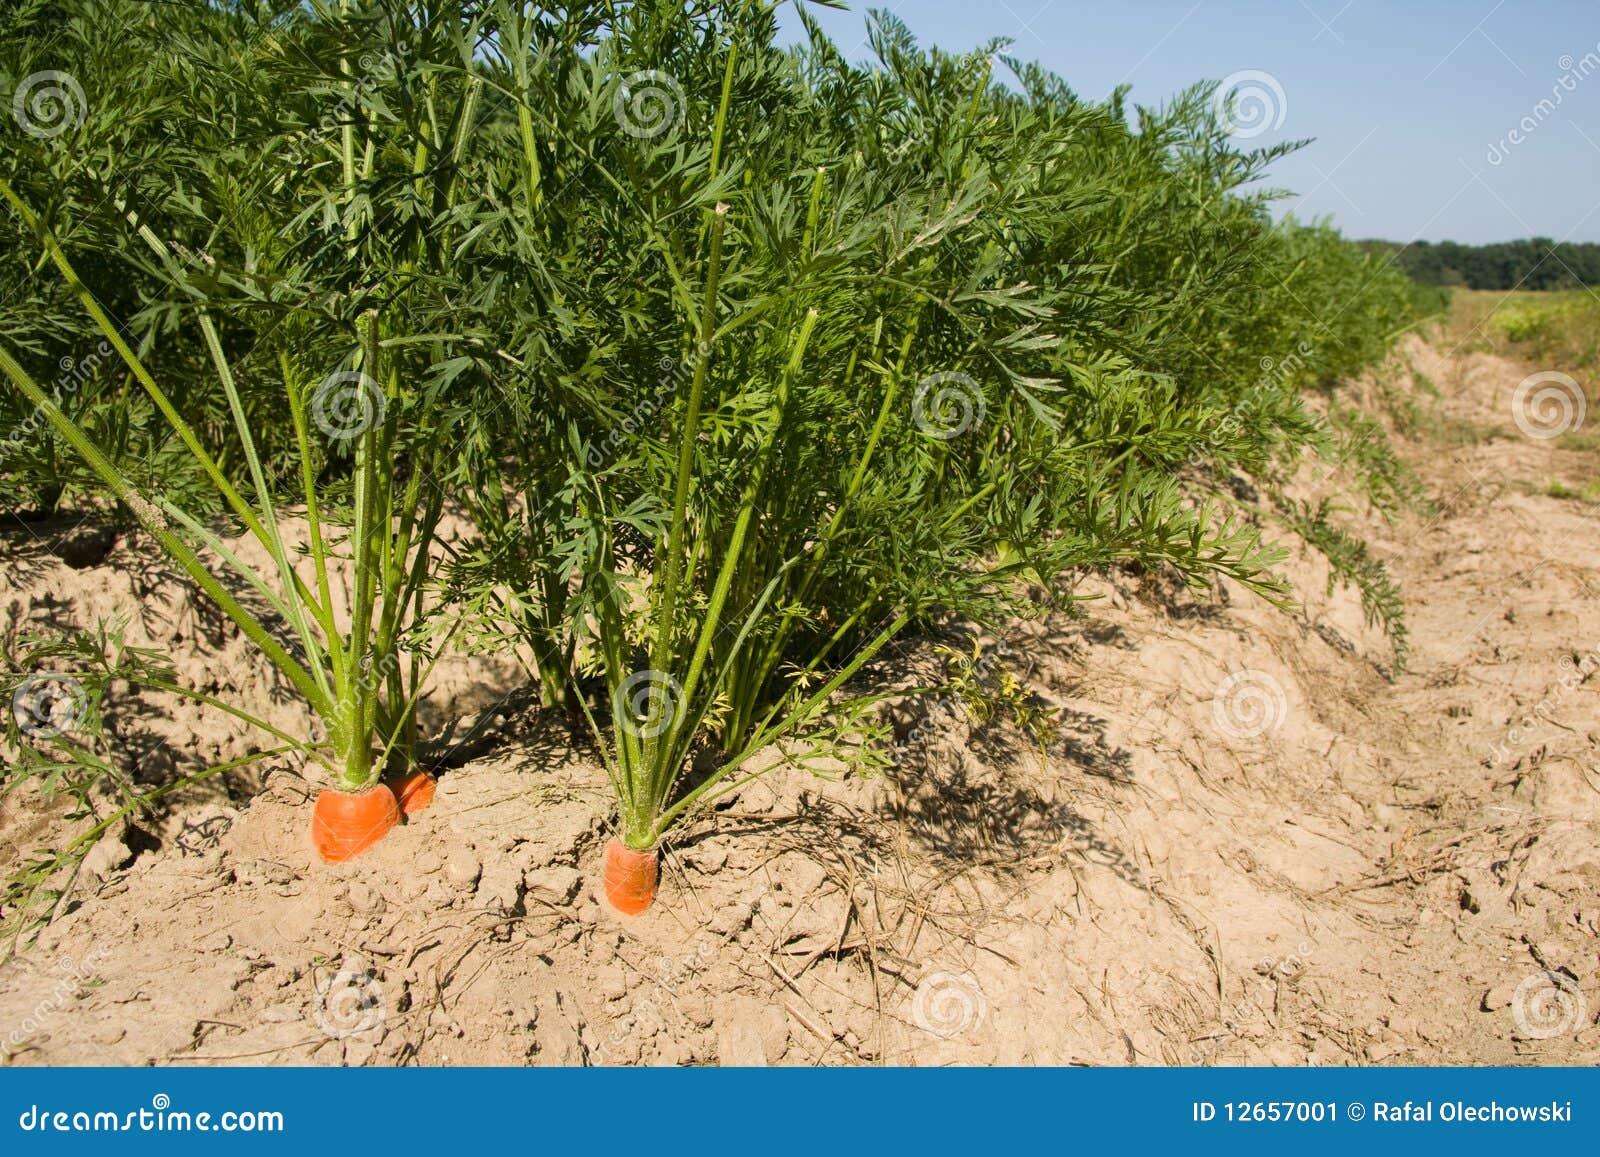 Carrot Field In Denmark - YouTube